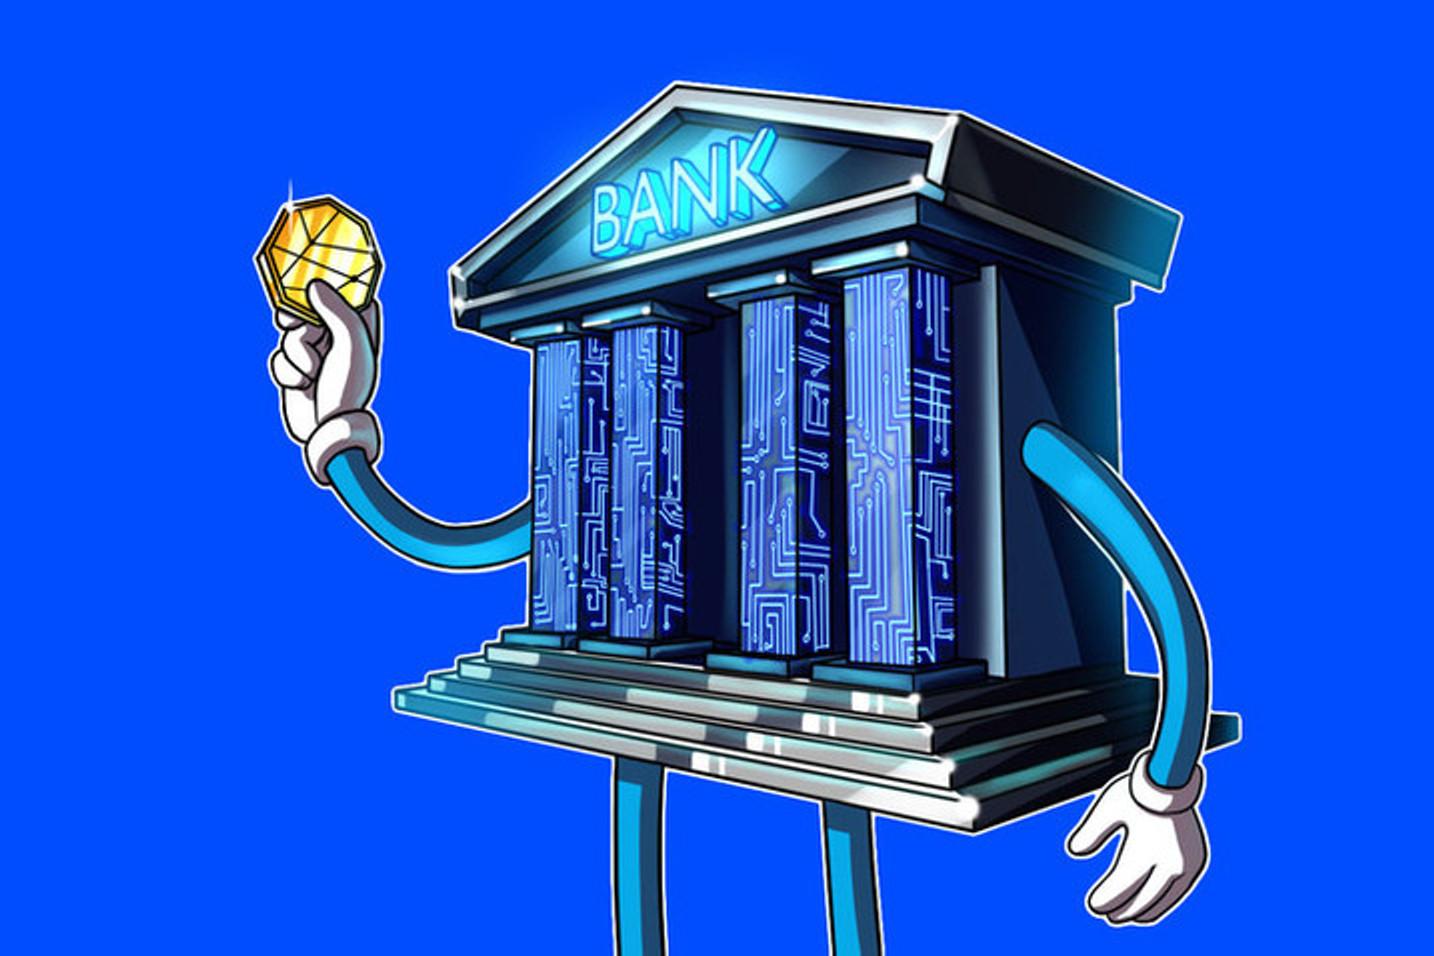 MeuBank passa de R$ 500 milhões em transações e Mercado Bitcoin vai ao Banco Central pedir para fintech virar Instituição de Pagamento